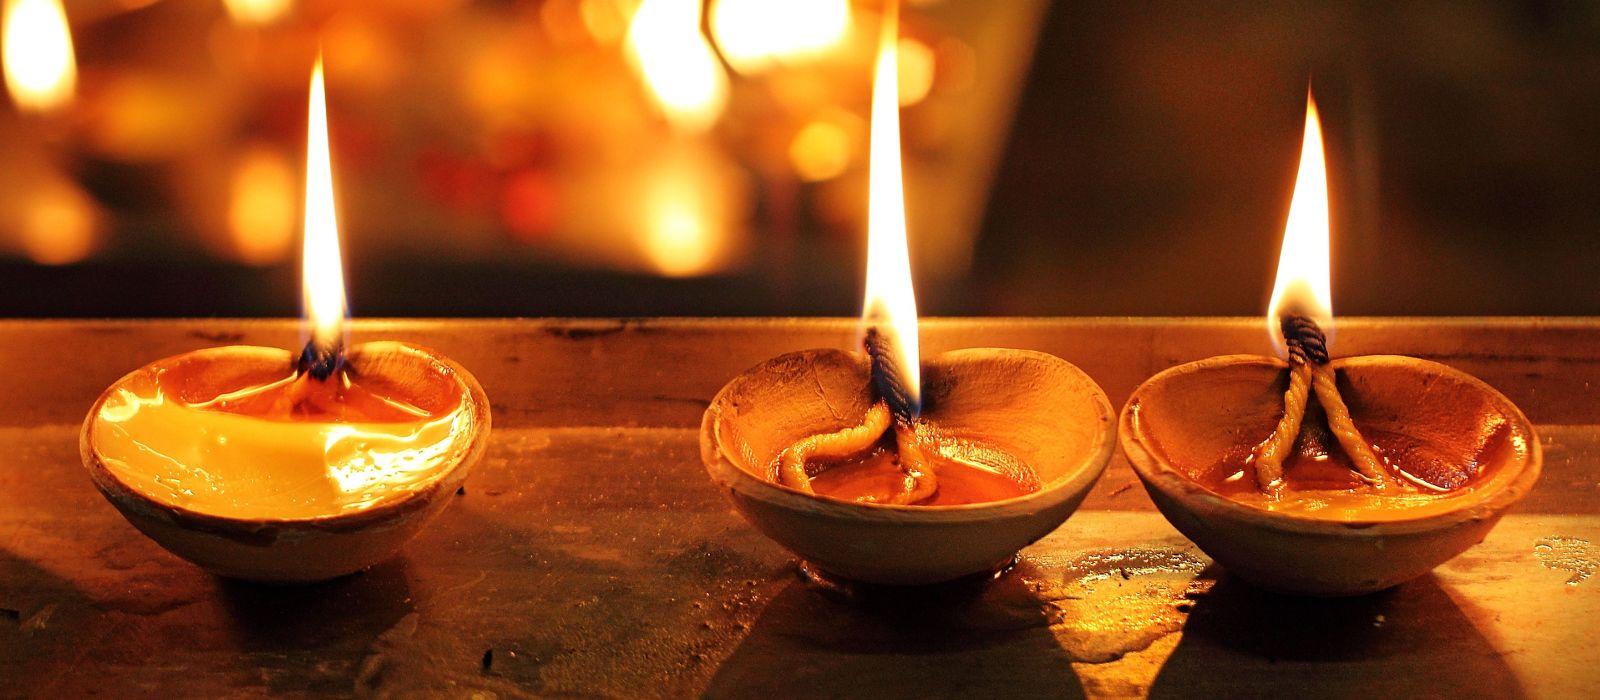 Das Fest der Lichter: Diwali in Indien Urlaub 5